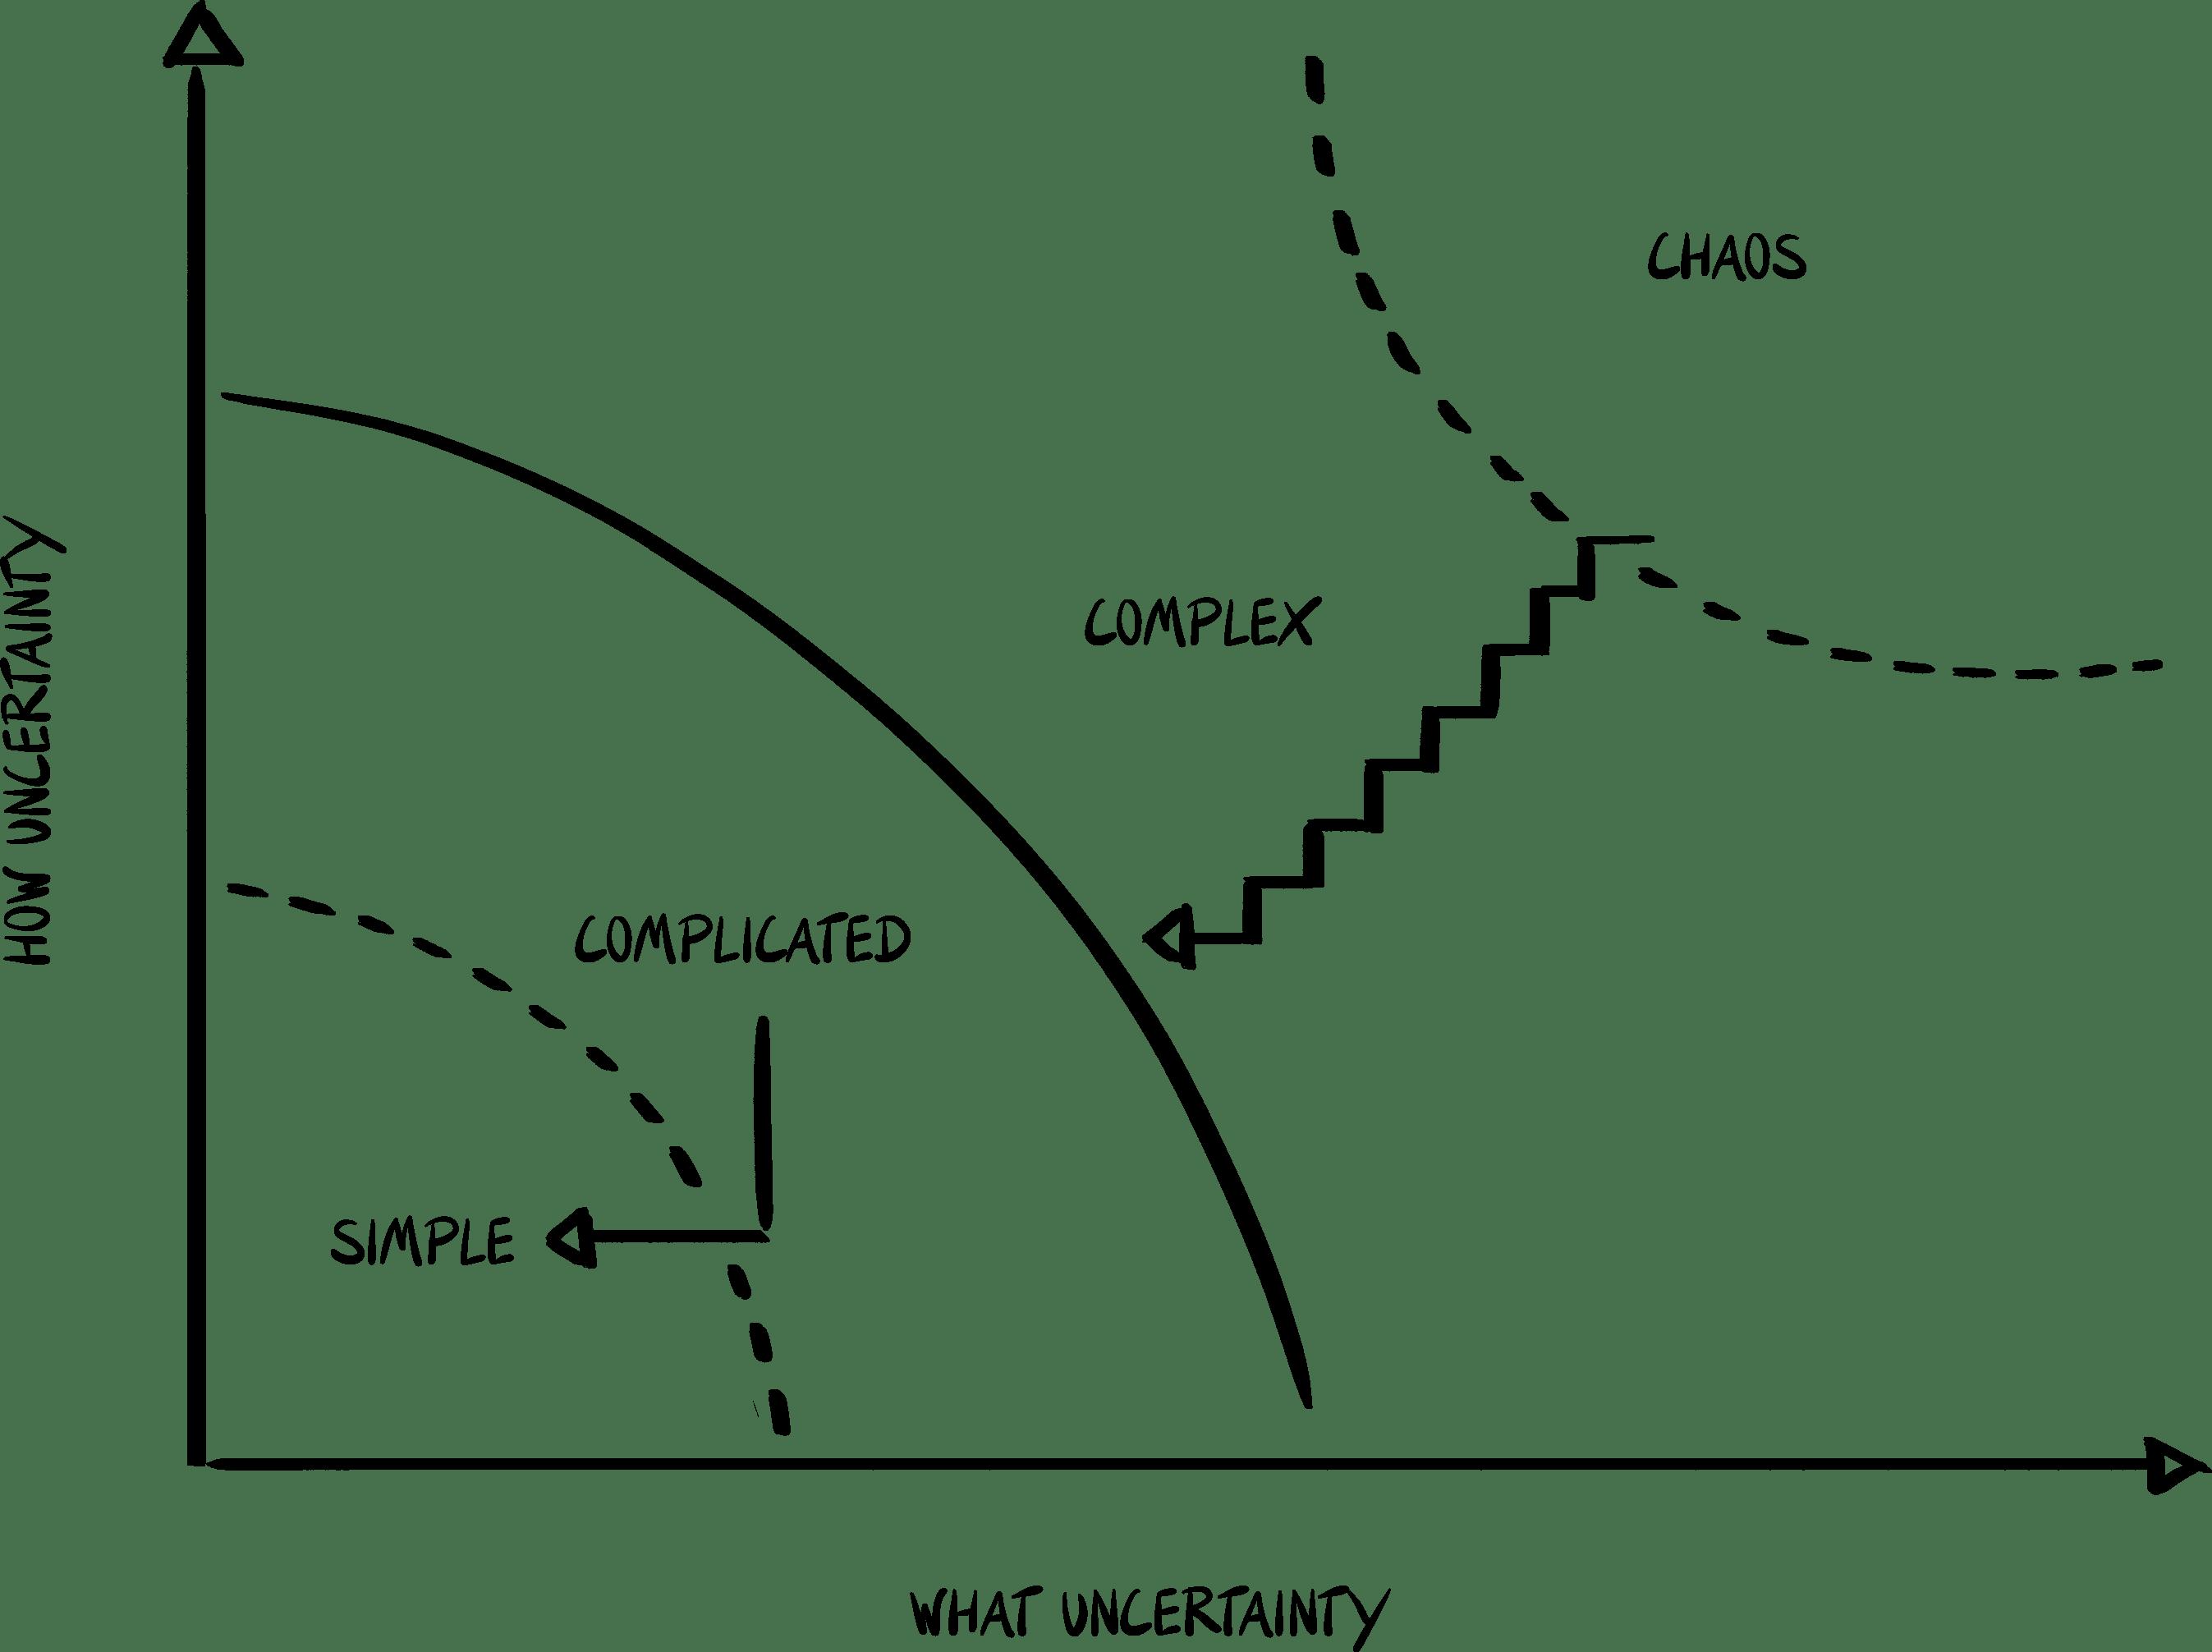 Stacey Matrix über die Organisationstheorie komplexer Systeme